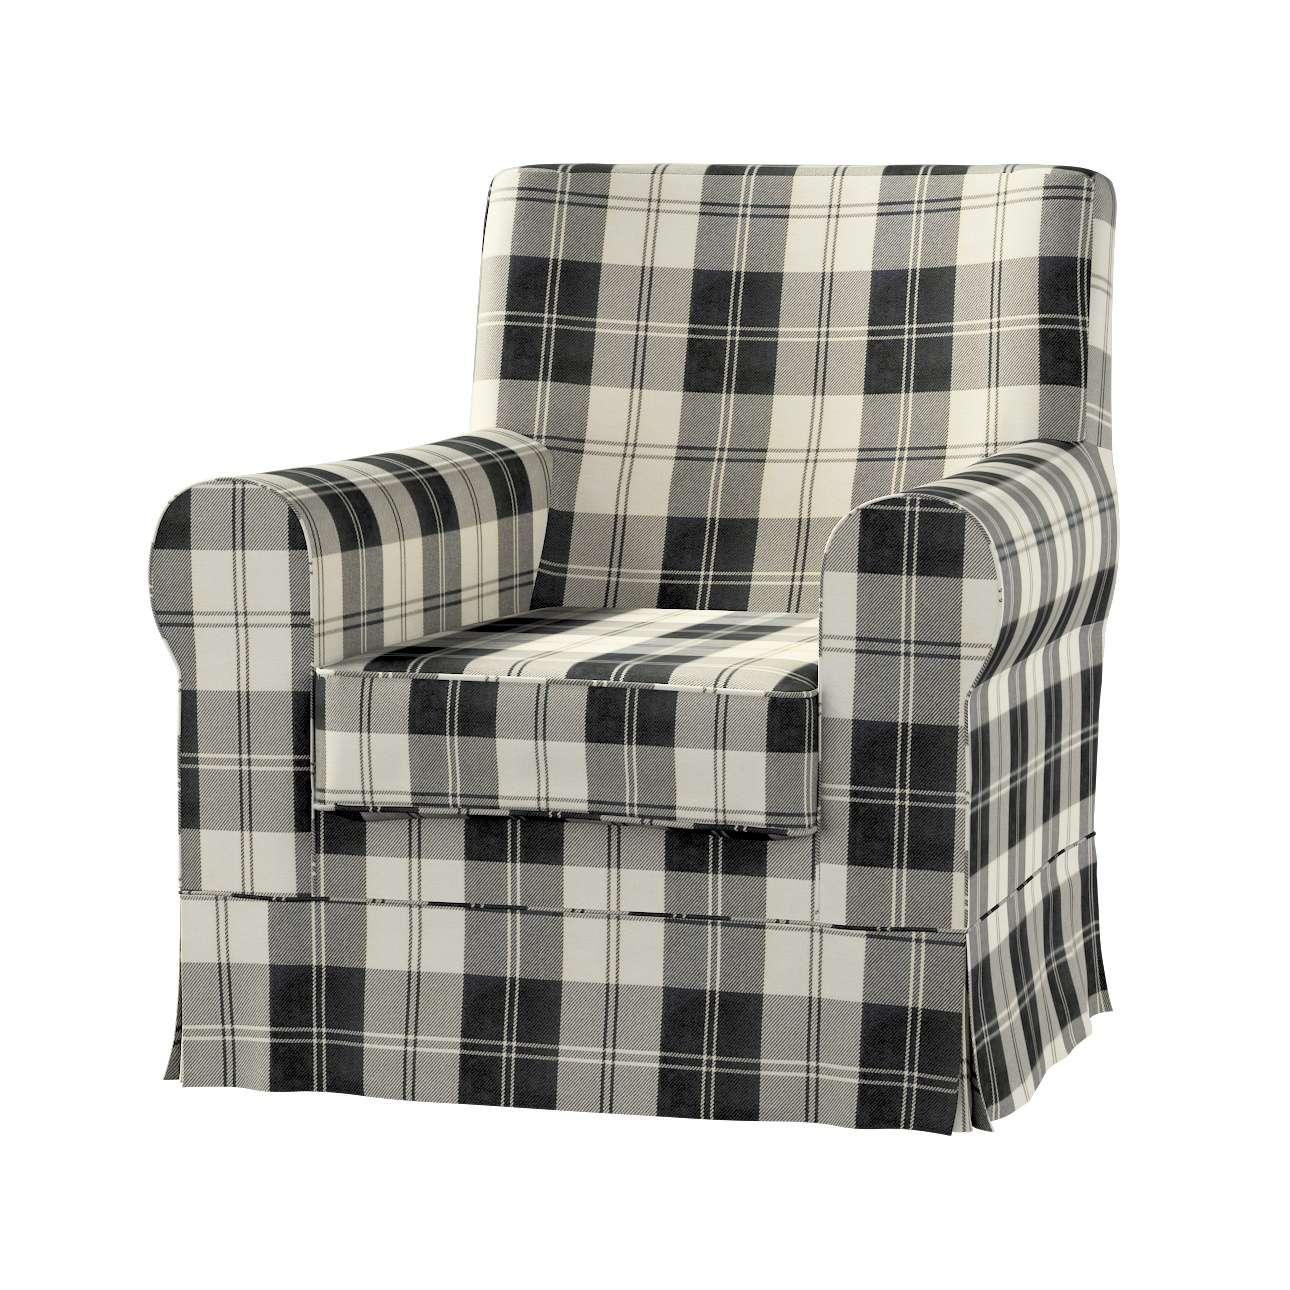 EKTORP JENNYLUND fotelio užvalkalas Ektorp Jennylund fotelio užvalkalas kolekcijoje Edinburgh , audinys: 115-74